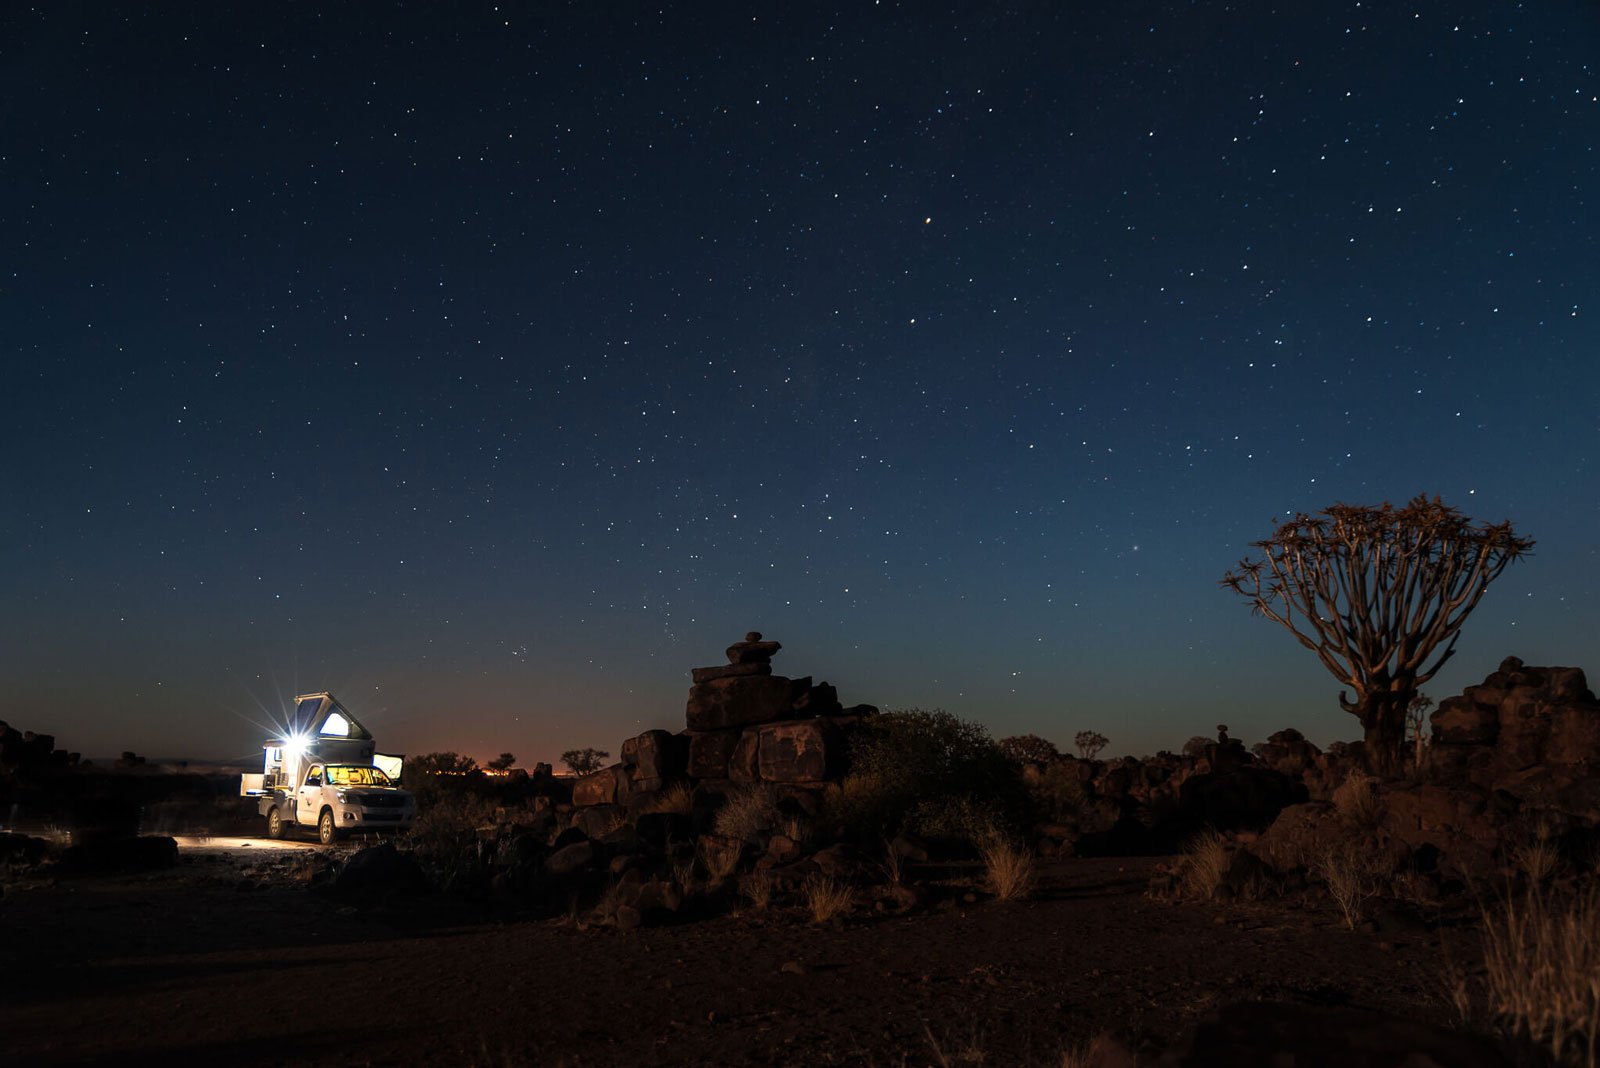 Namibia at night